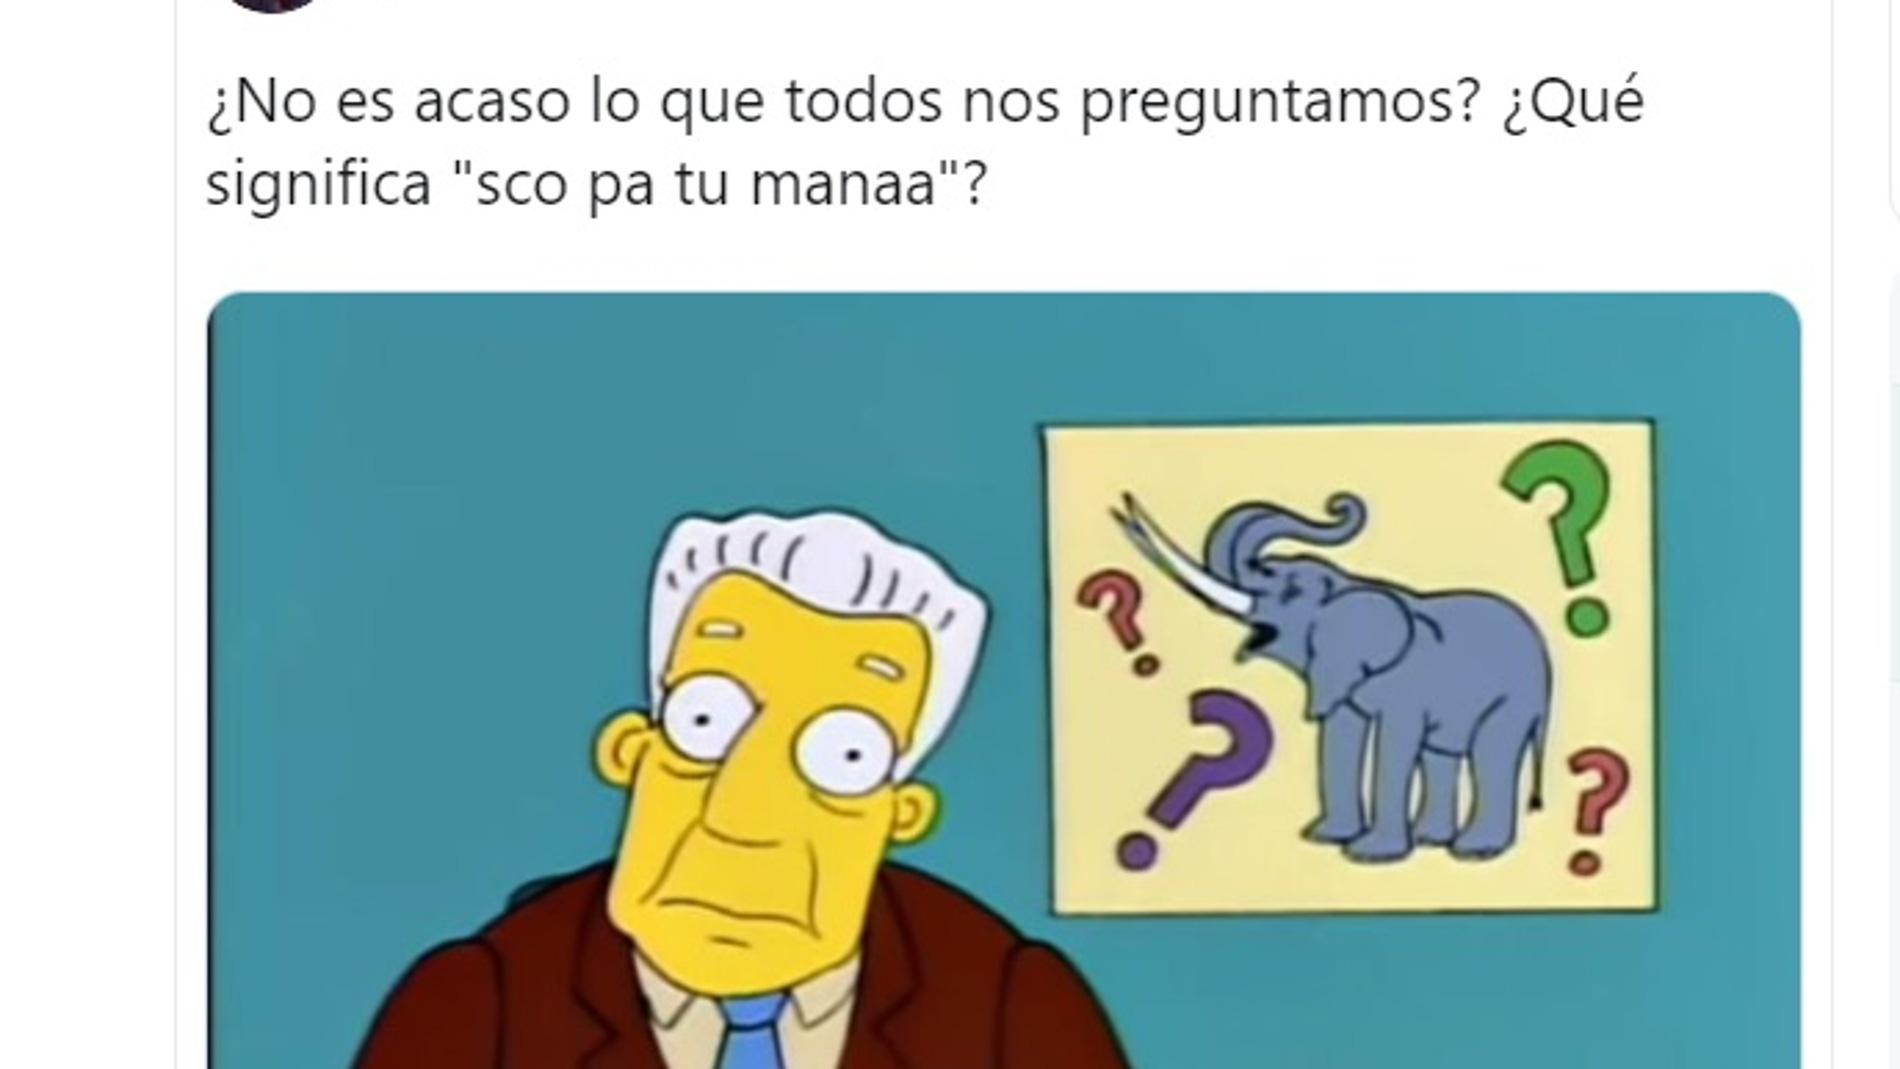 El nuevo reto viral de Twitter: publicar la frase 'Sco pa tu manaa' acompañado de una imagen para pedir la opinión de tus seguidores.